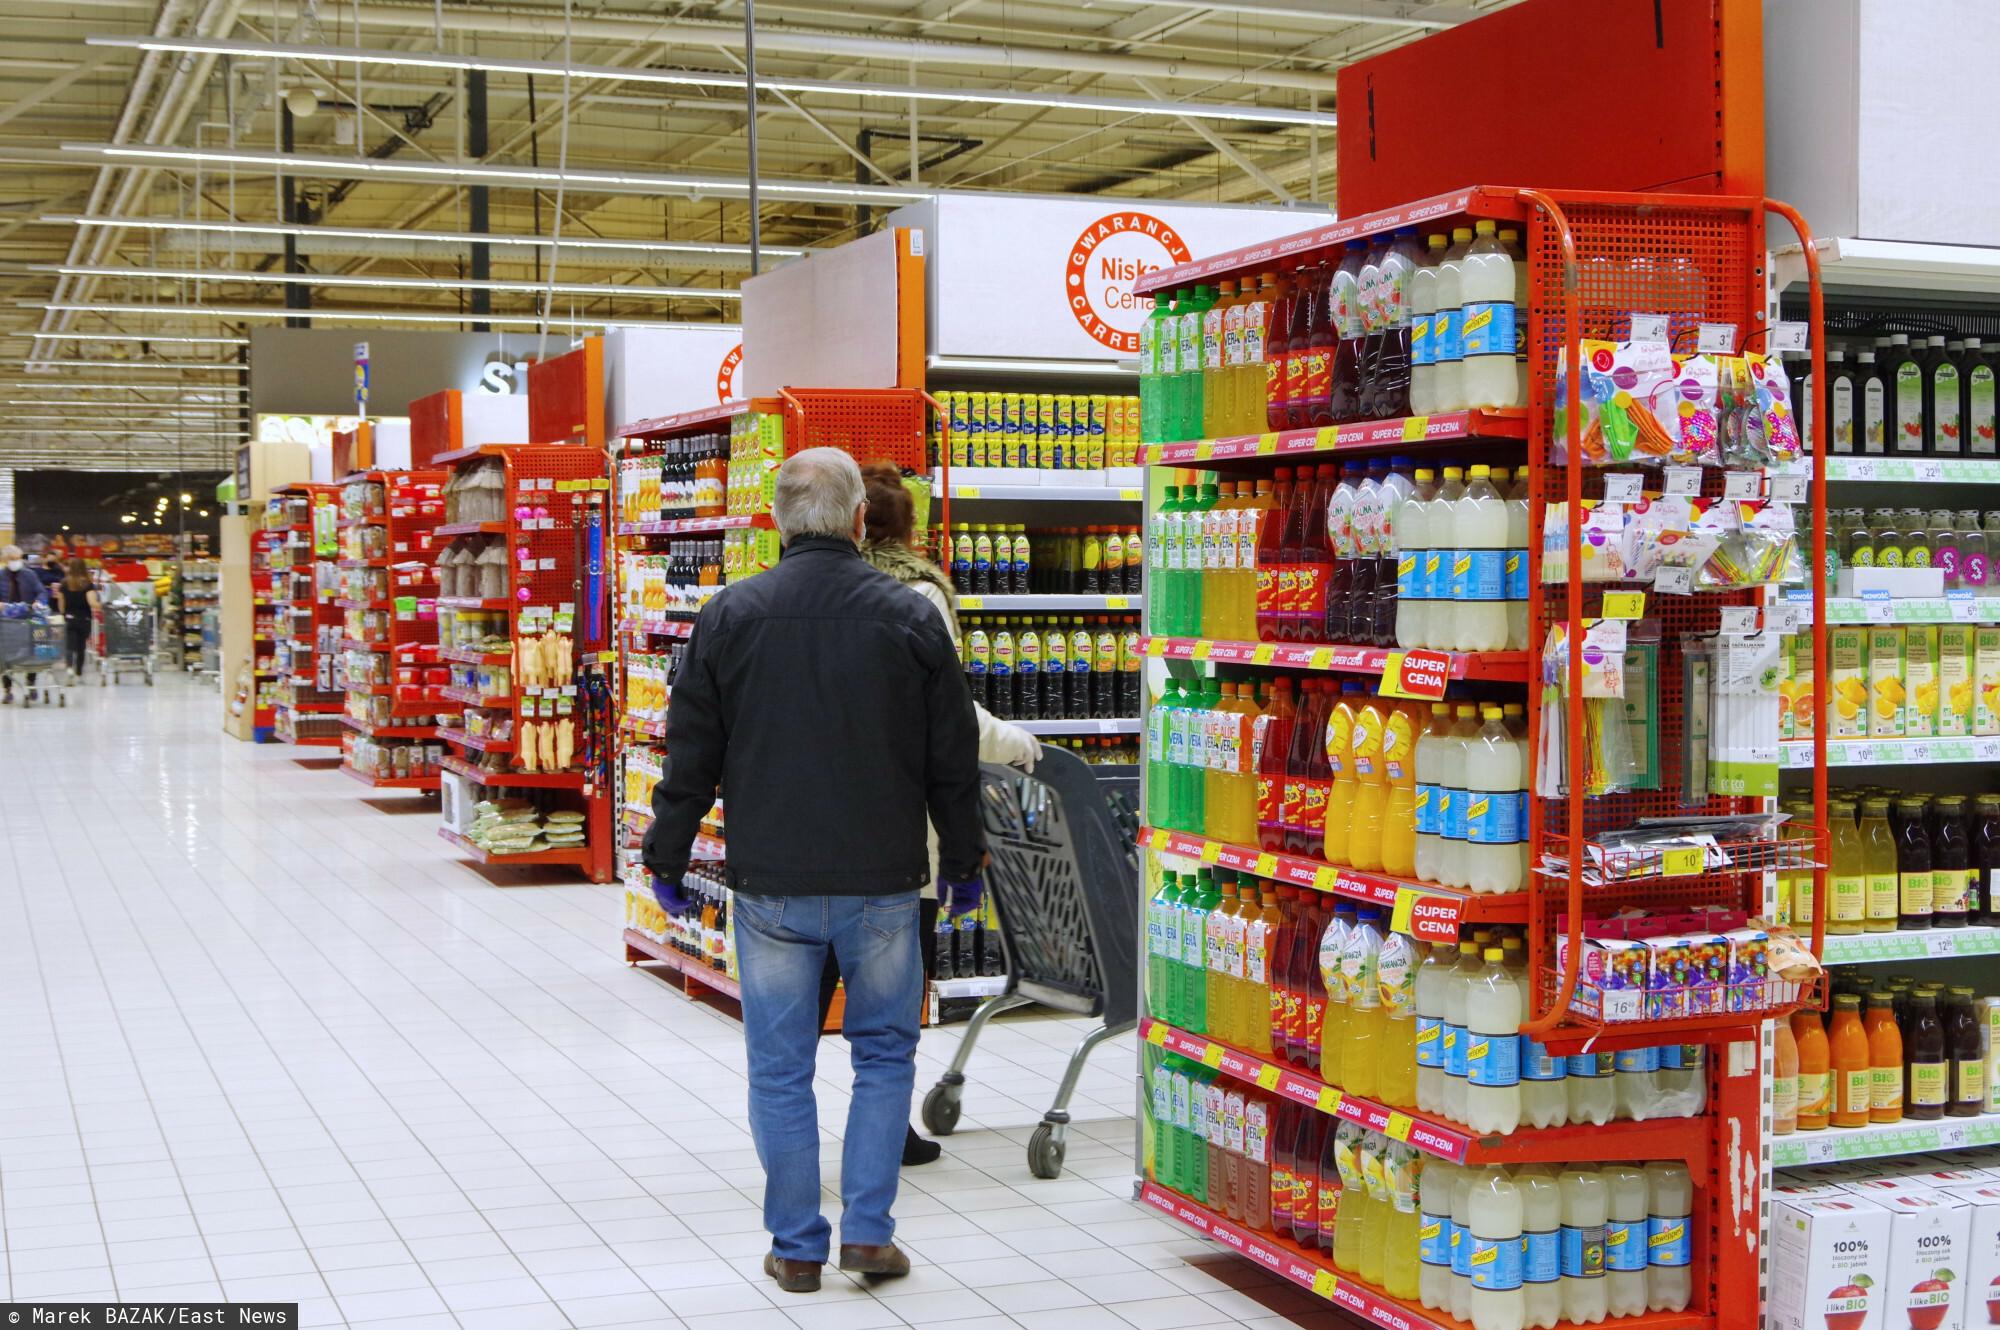 PHOTO: ZOFIA I MAREK BAZAK / EAST NEWS Warszawa N/Z Zakupy w hipermarkecie Carrefour